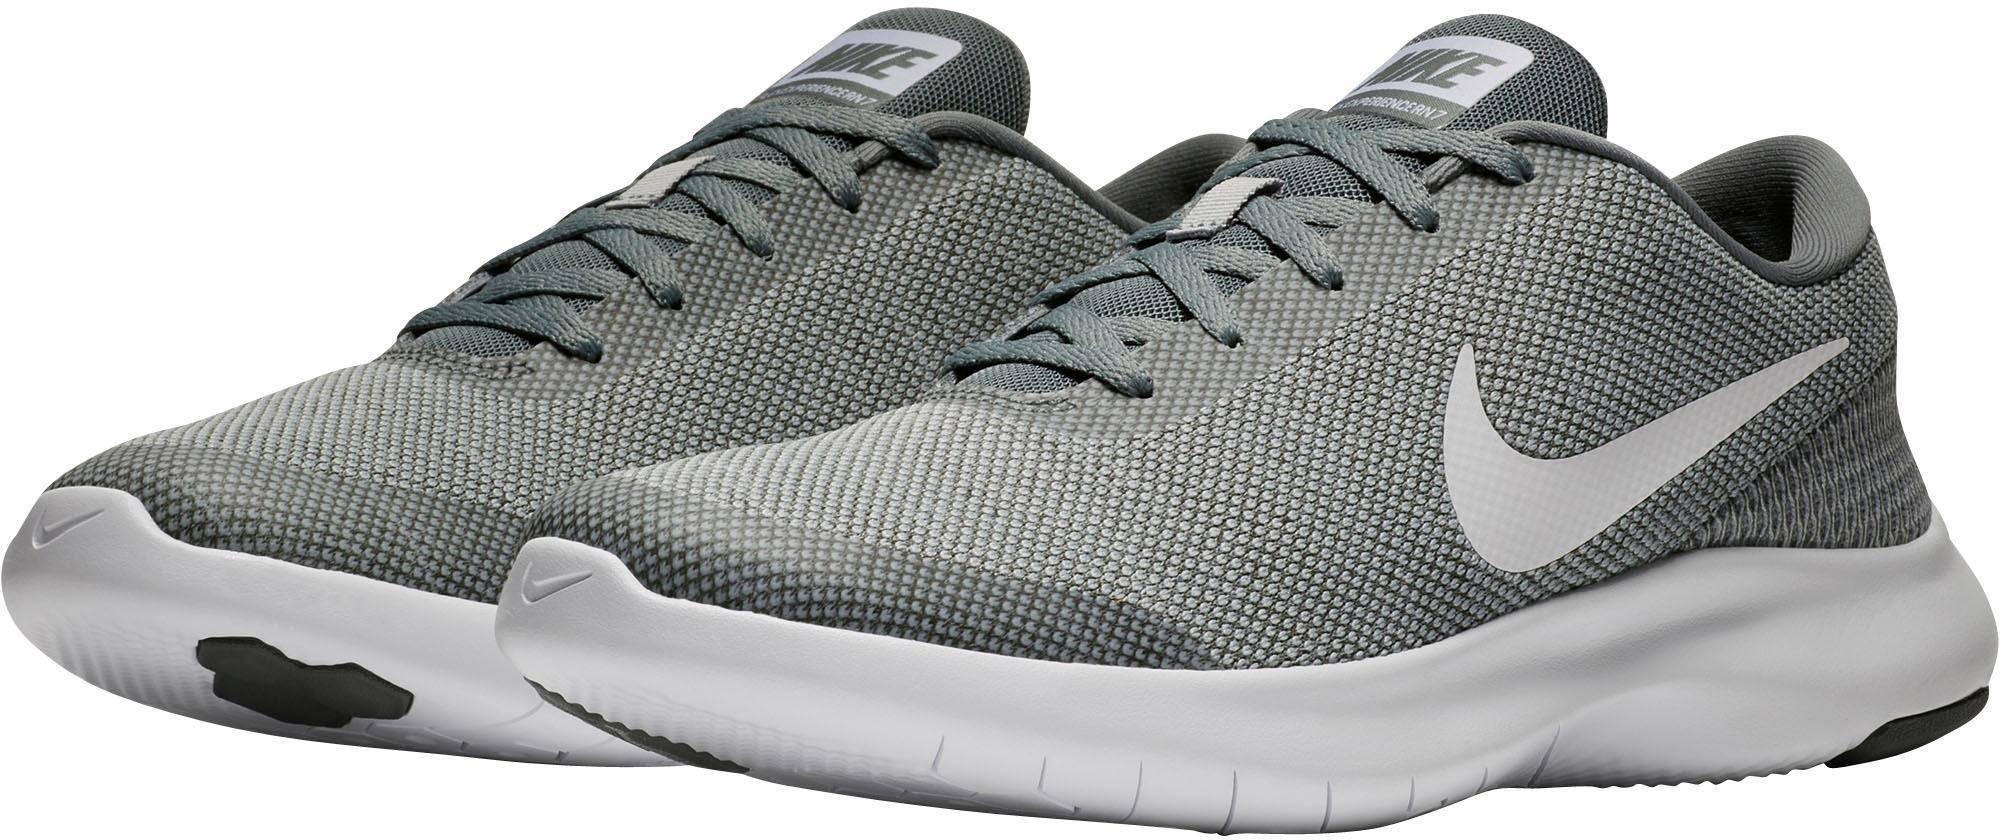 Nike runningschoenen »Flex Experience Run 7« online kopen op otto.nl